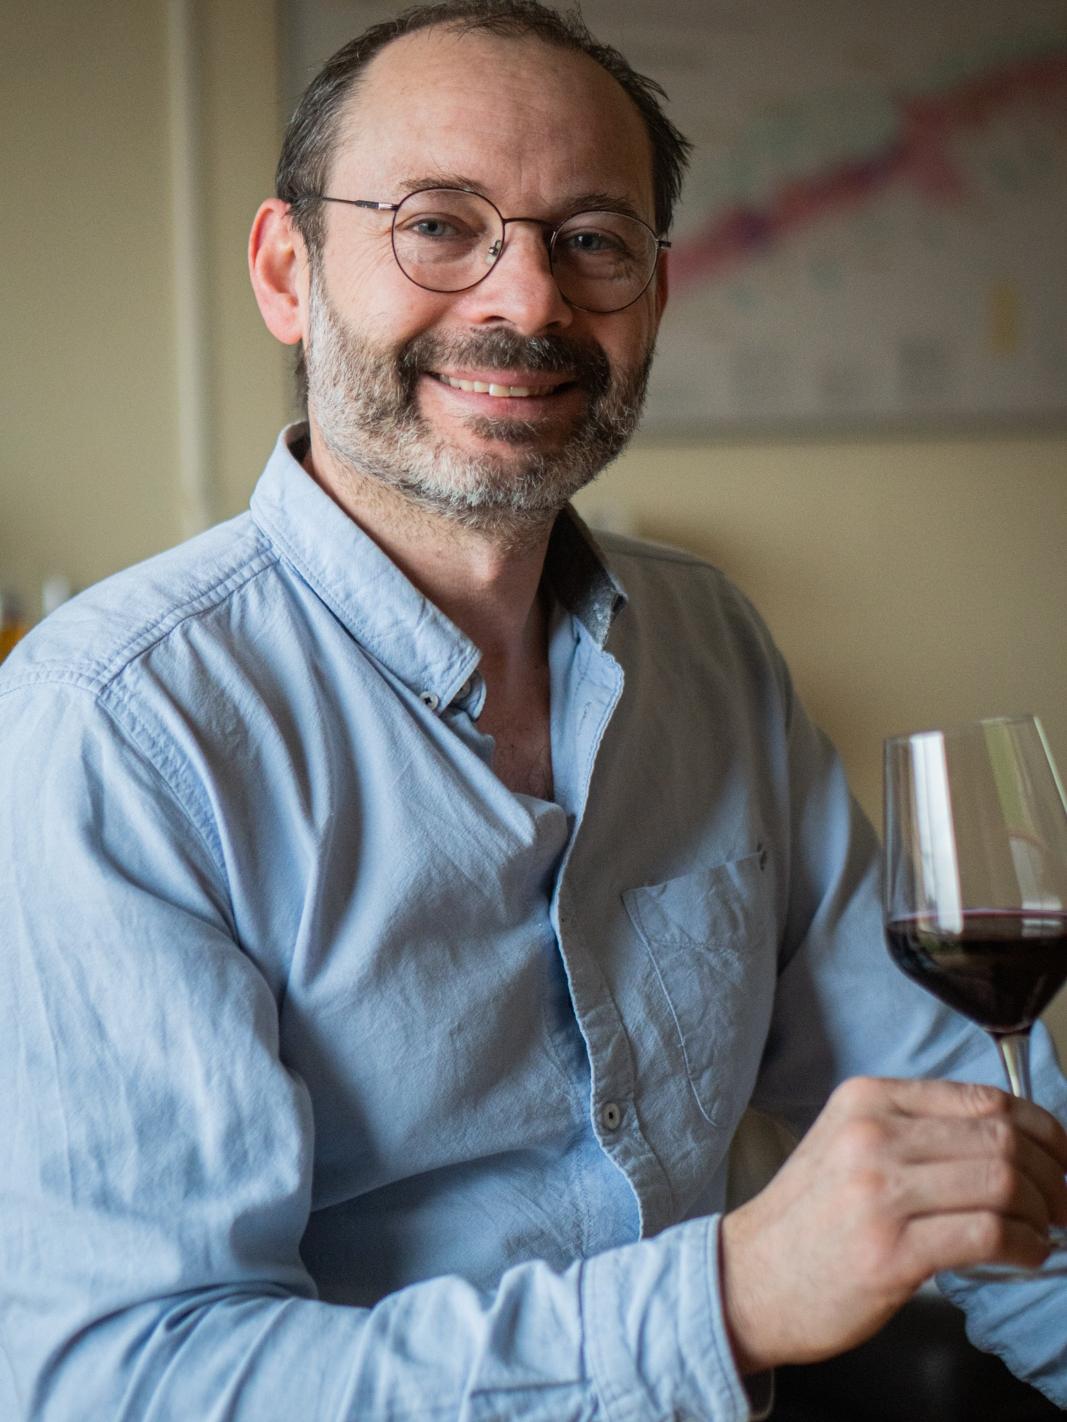 David Aguilar caviste avec verre de vin